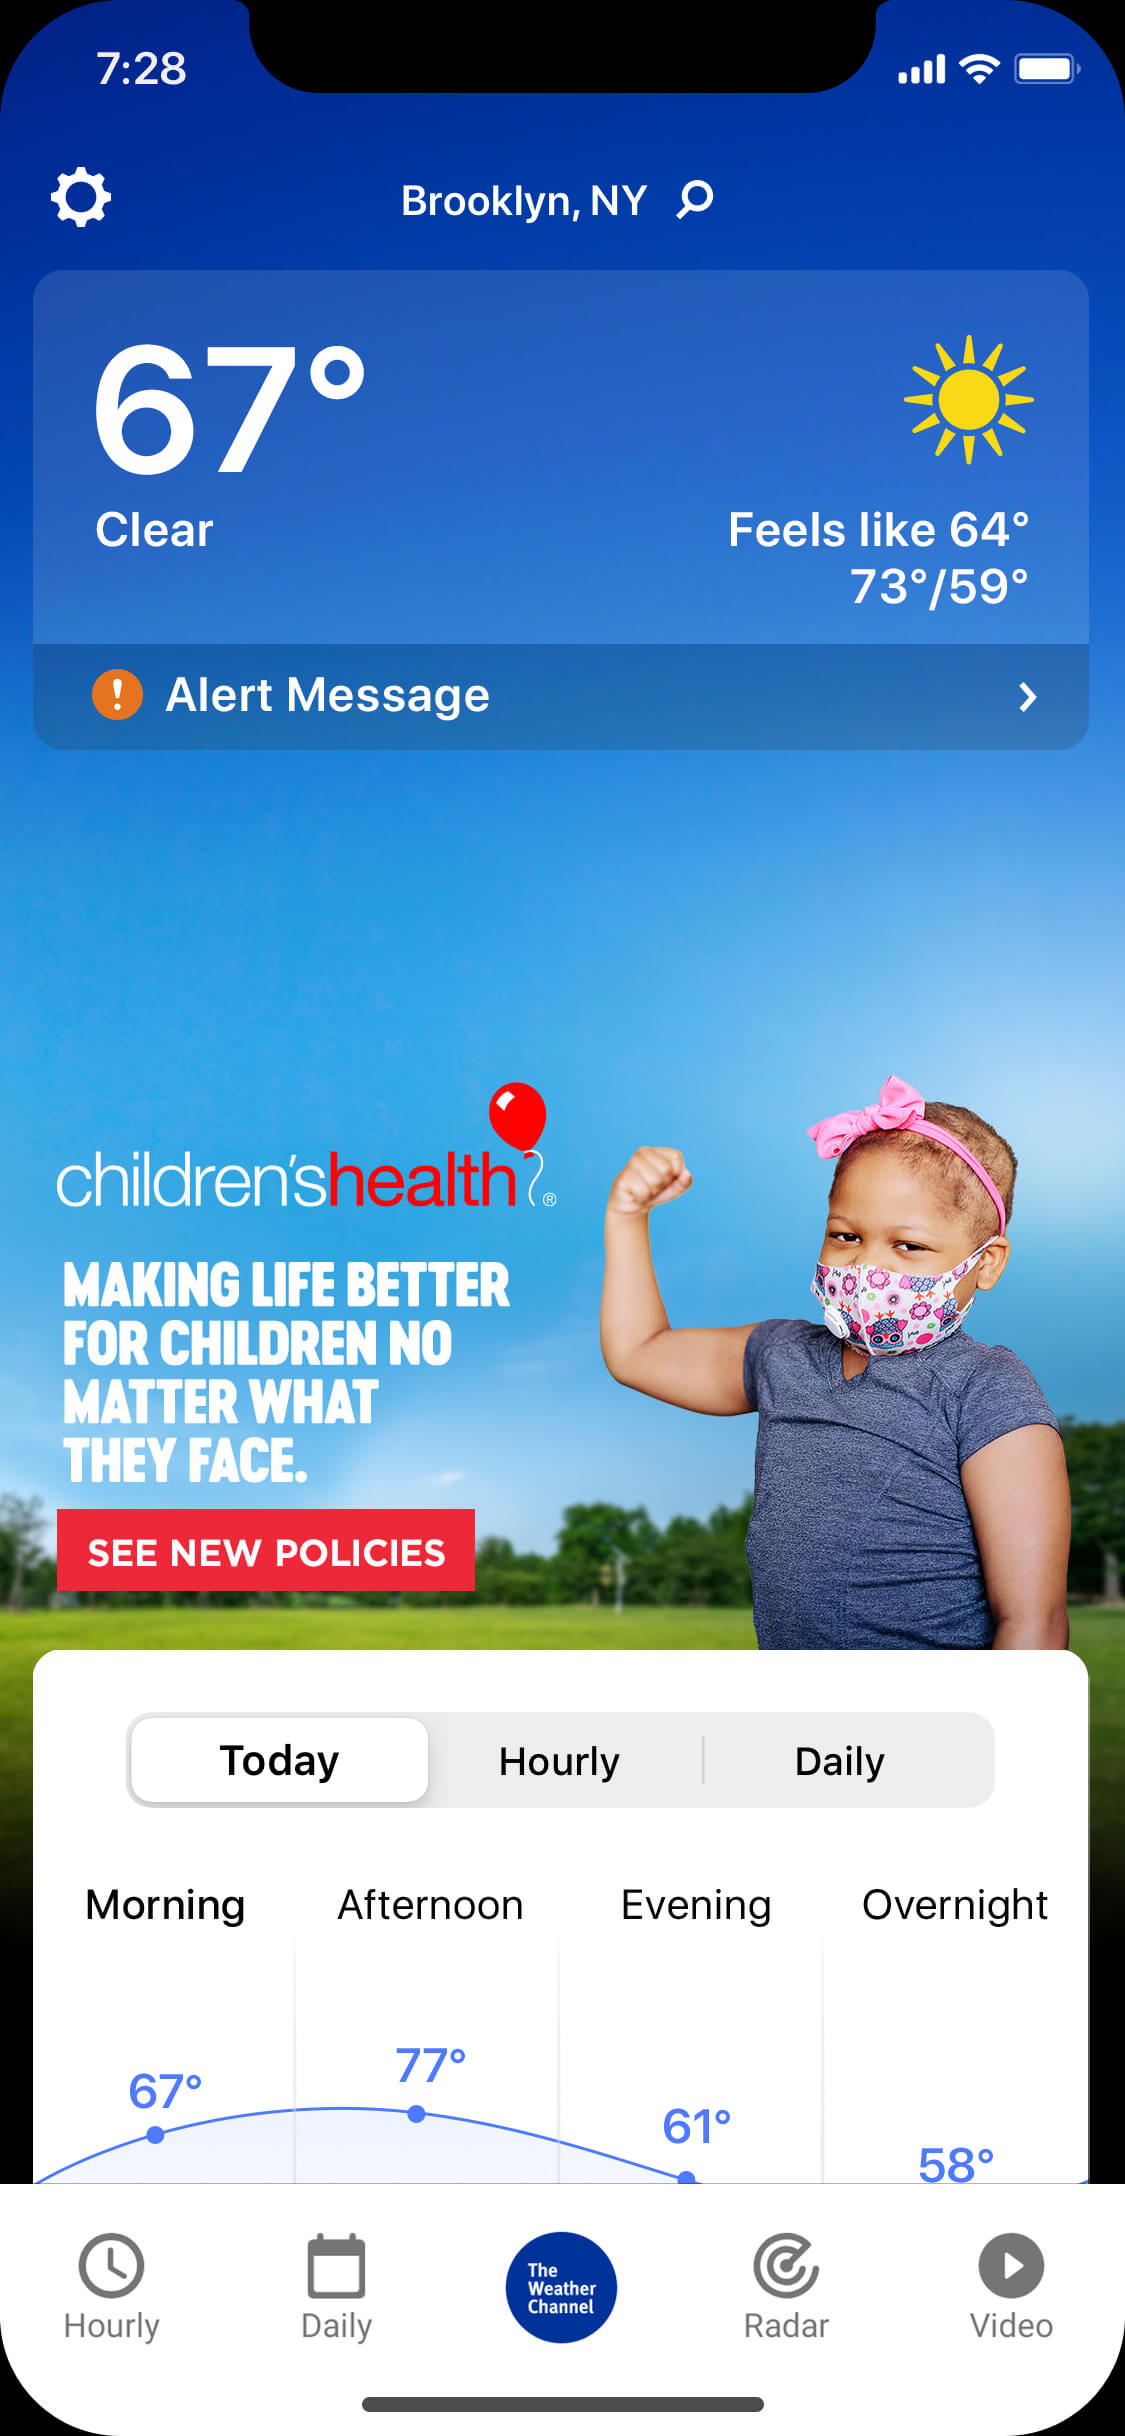 Children's-Health-clear_day